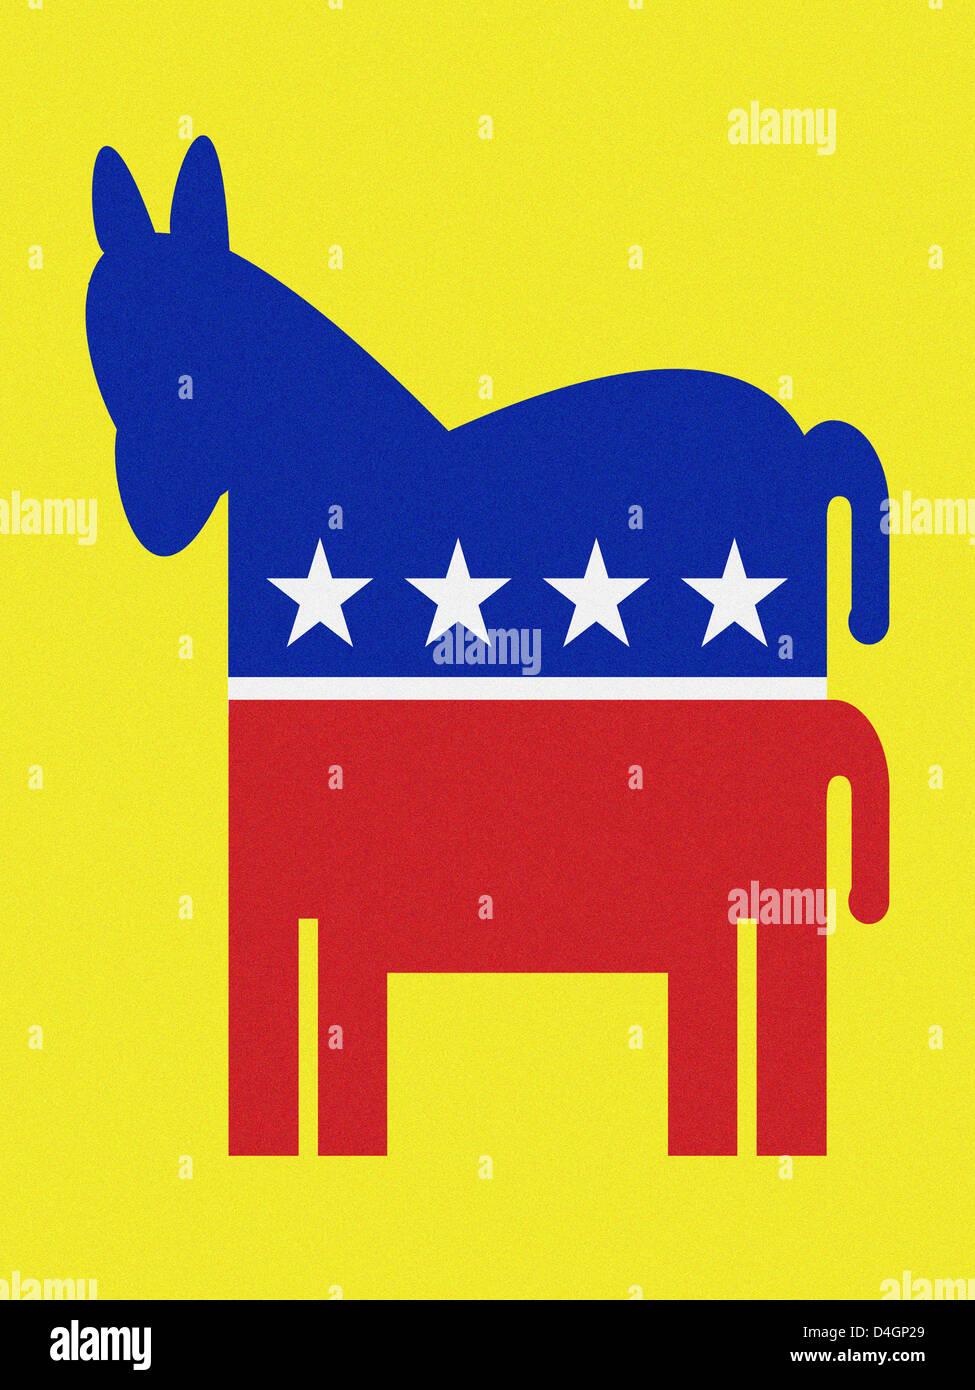 A democratic donkey - Stock Image